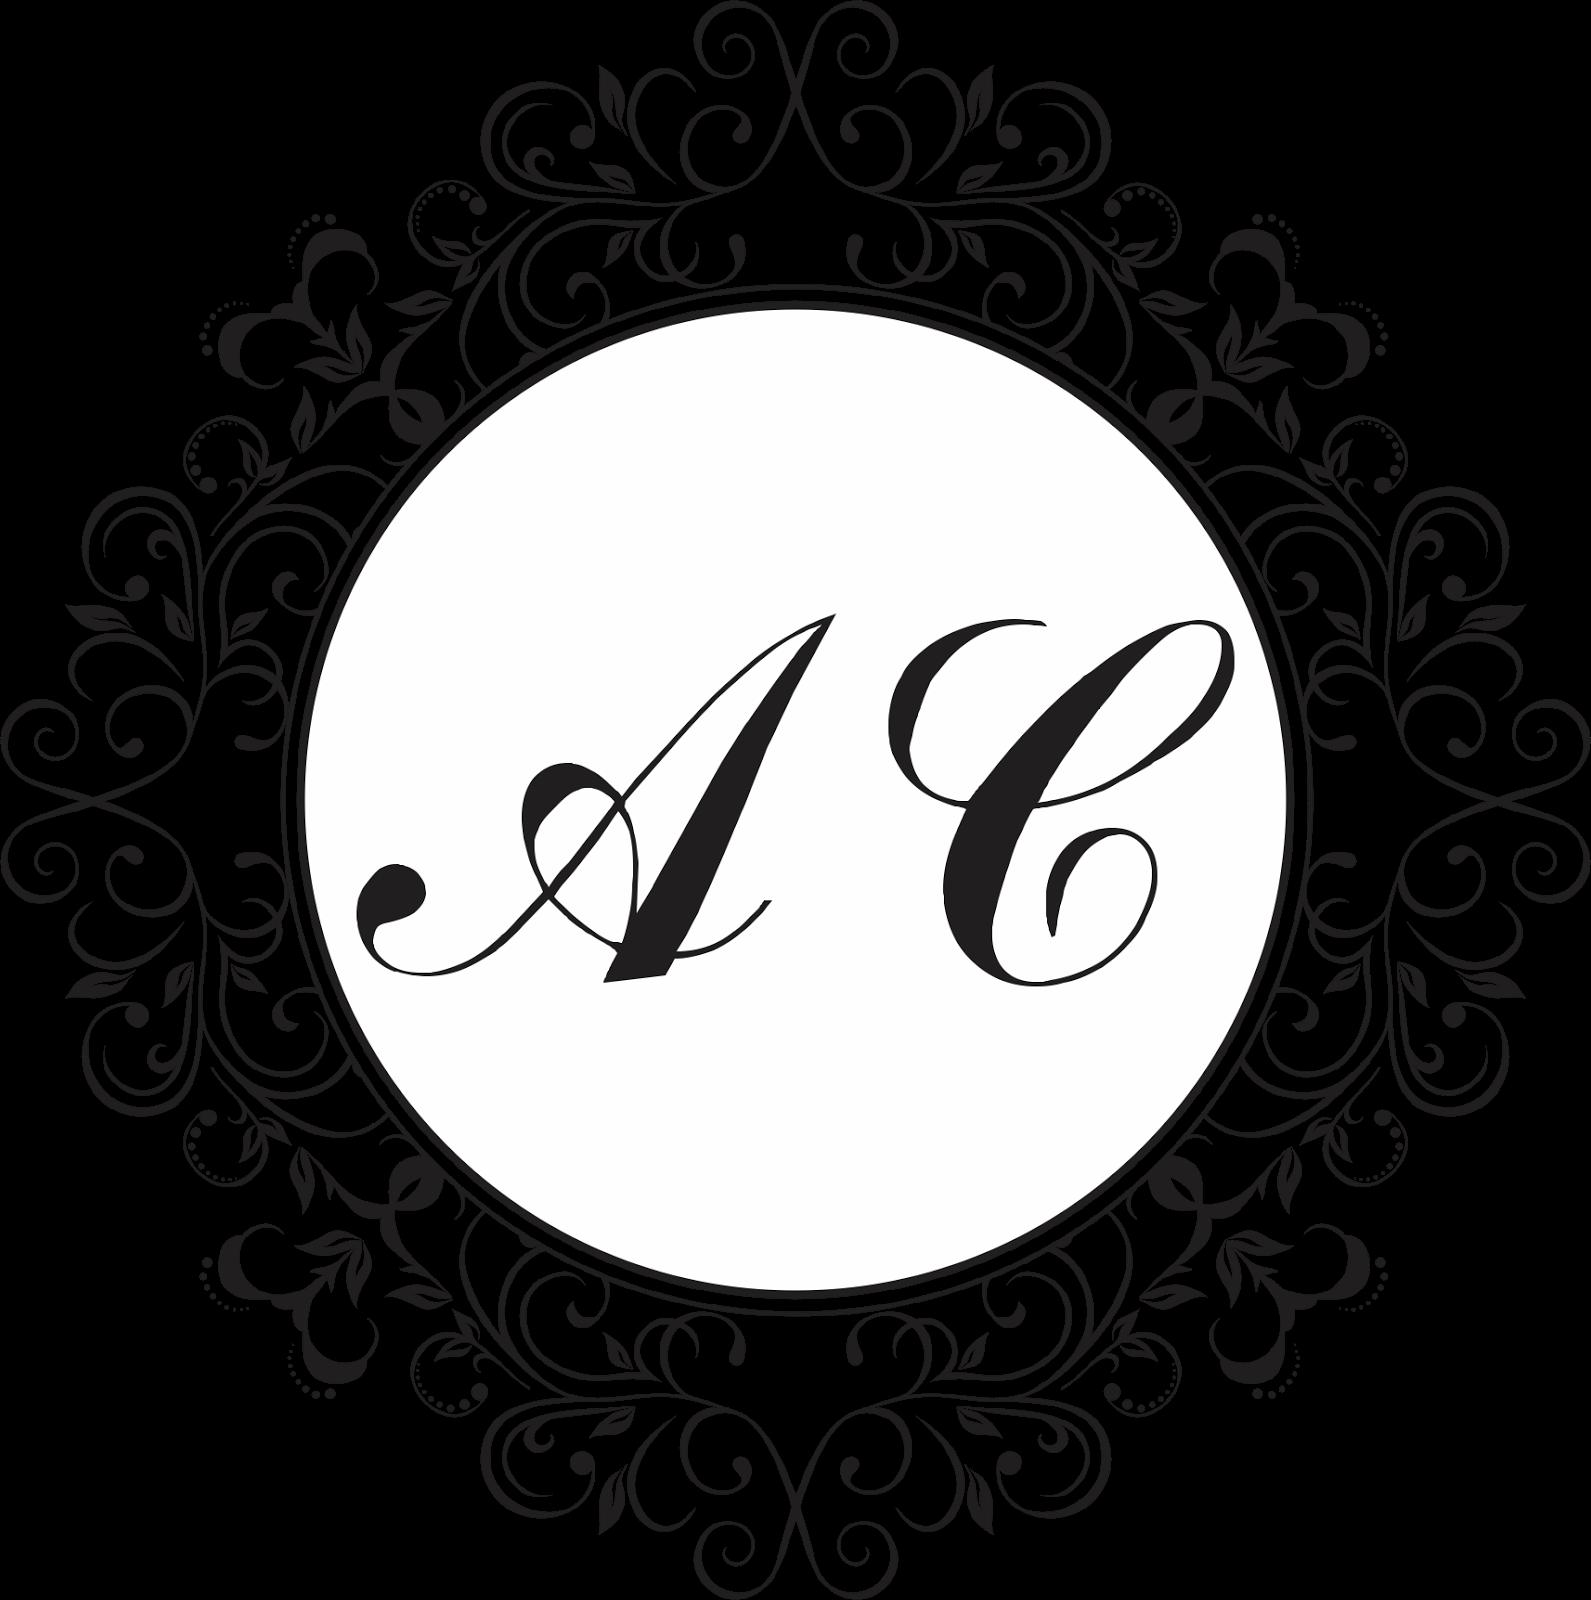 Monogramas gr tis para baixar cantinho do blog for C m r bagnolet